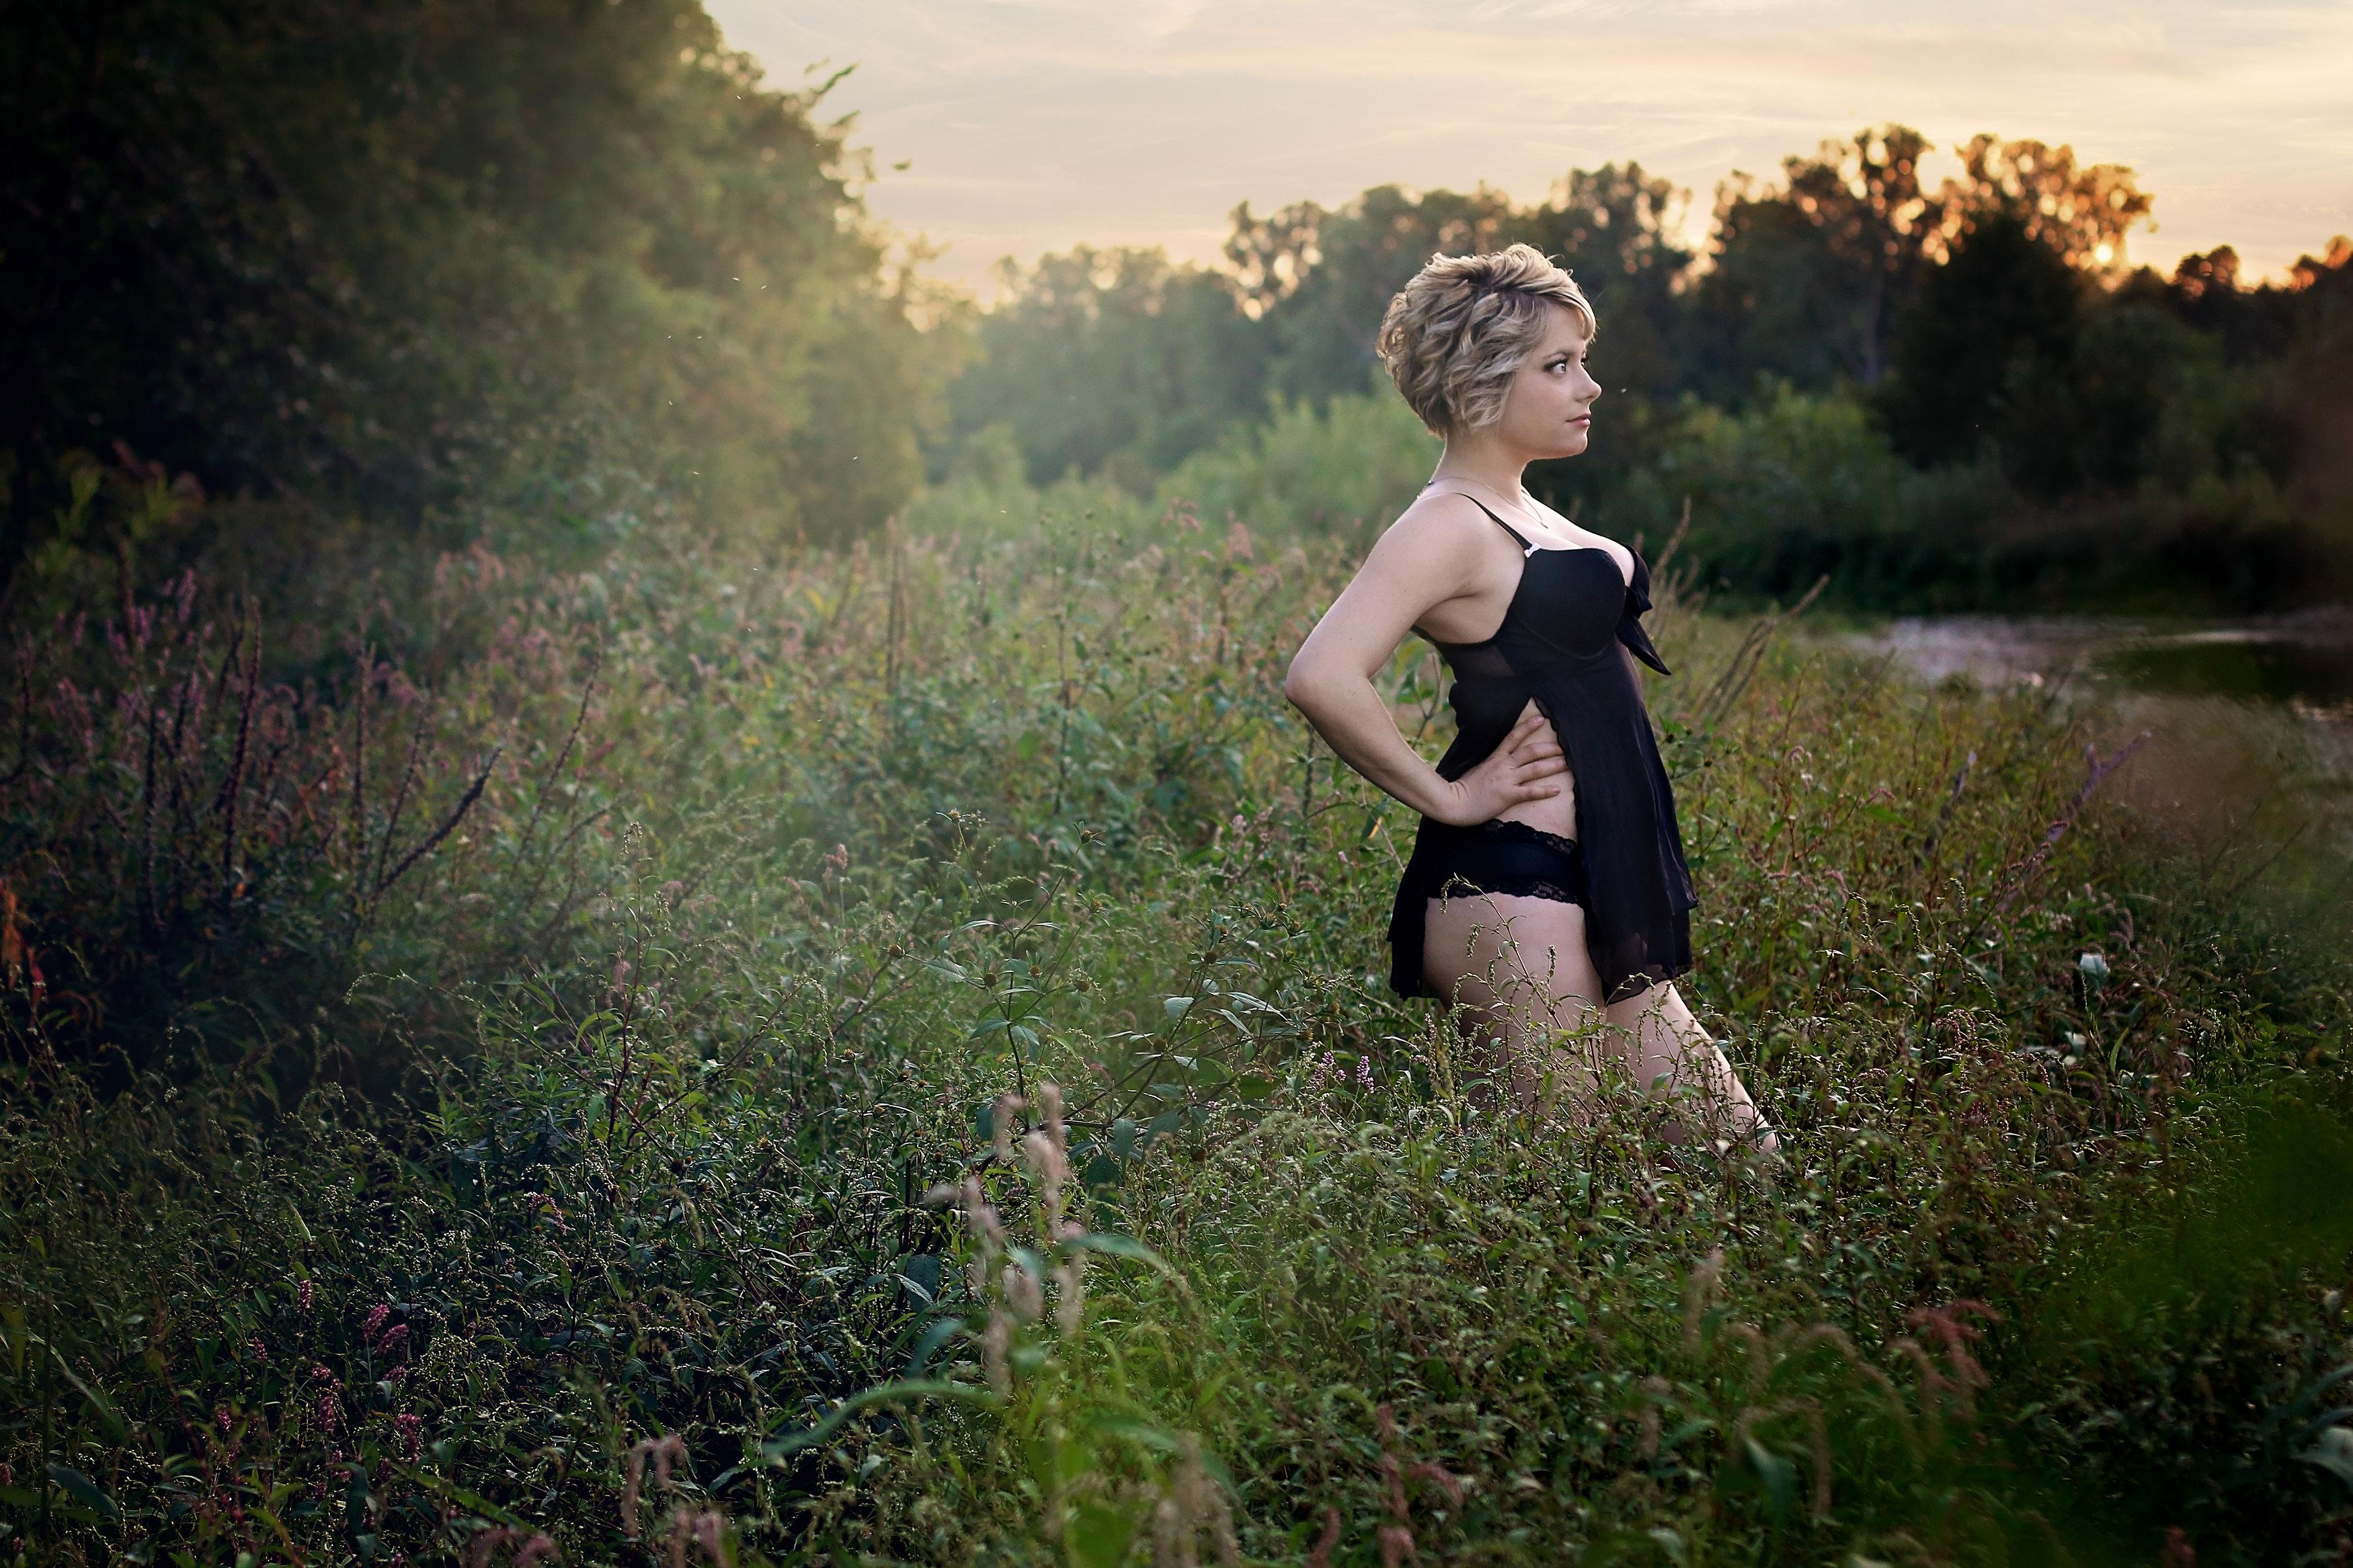 Outdoor boudoir, Boudoir, Brantford boudoir, Best Boudoir, Stella Ella Ola Photography, Boudoir photography, Brantford, Ontario, Canada